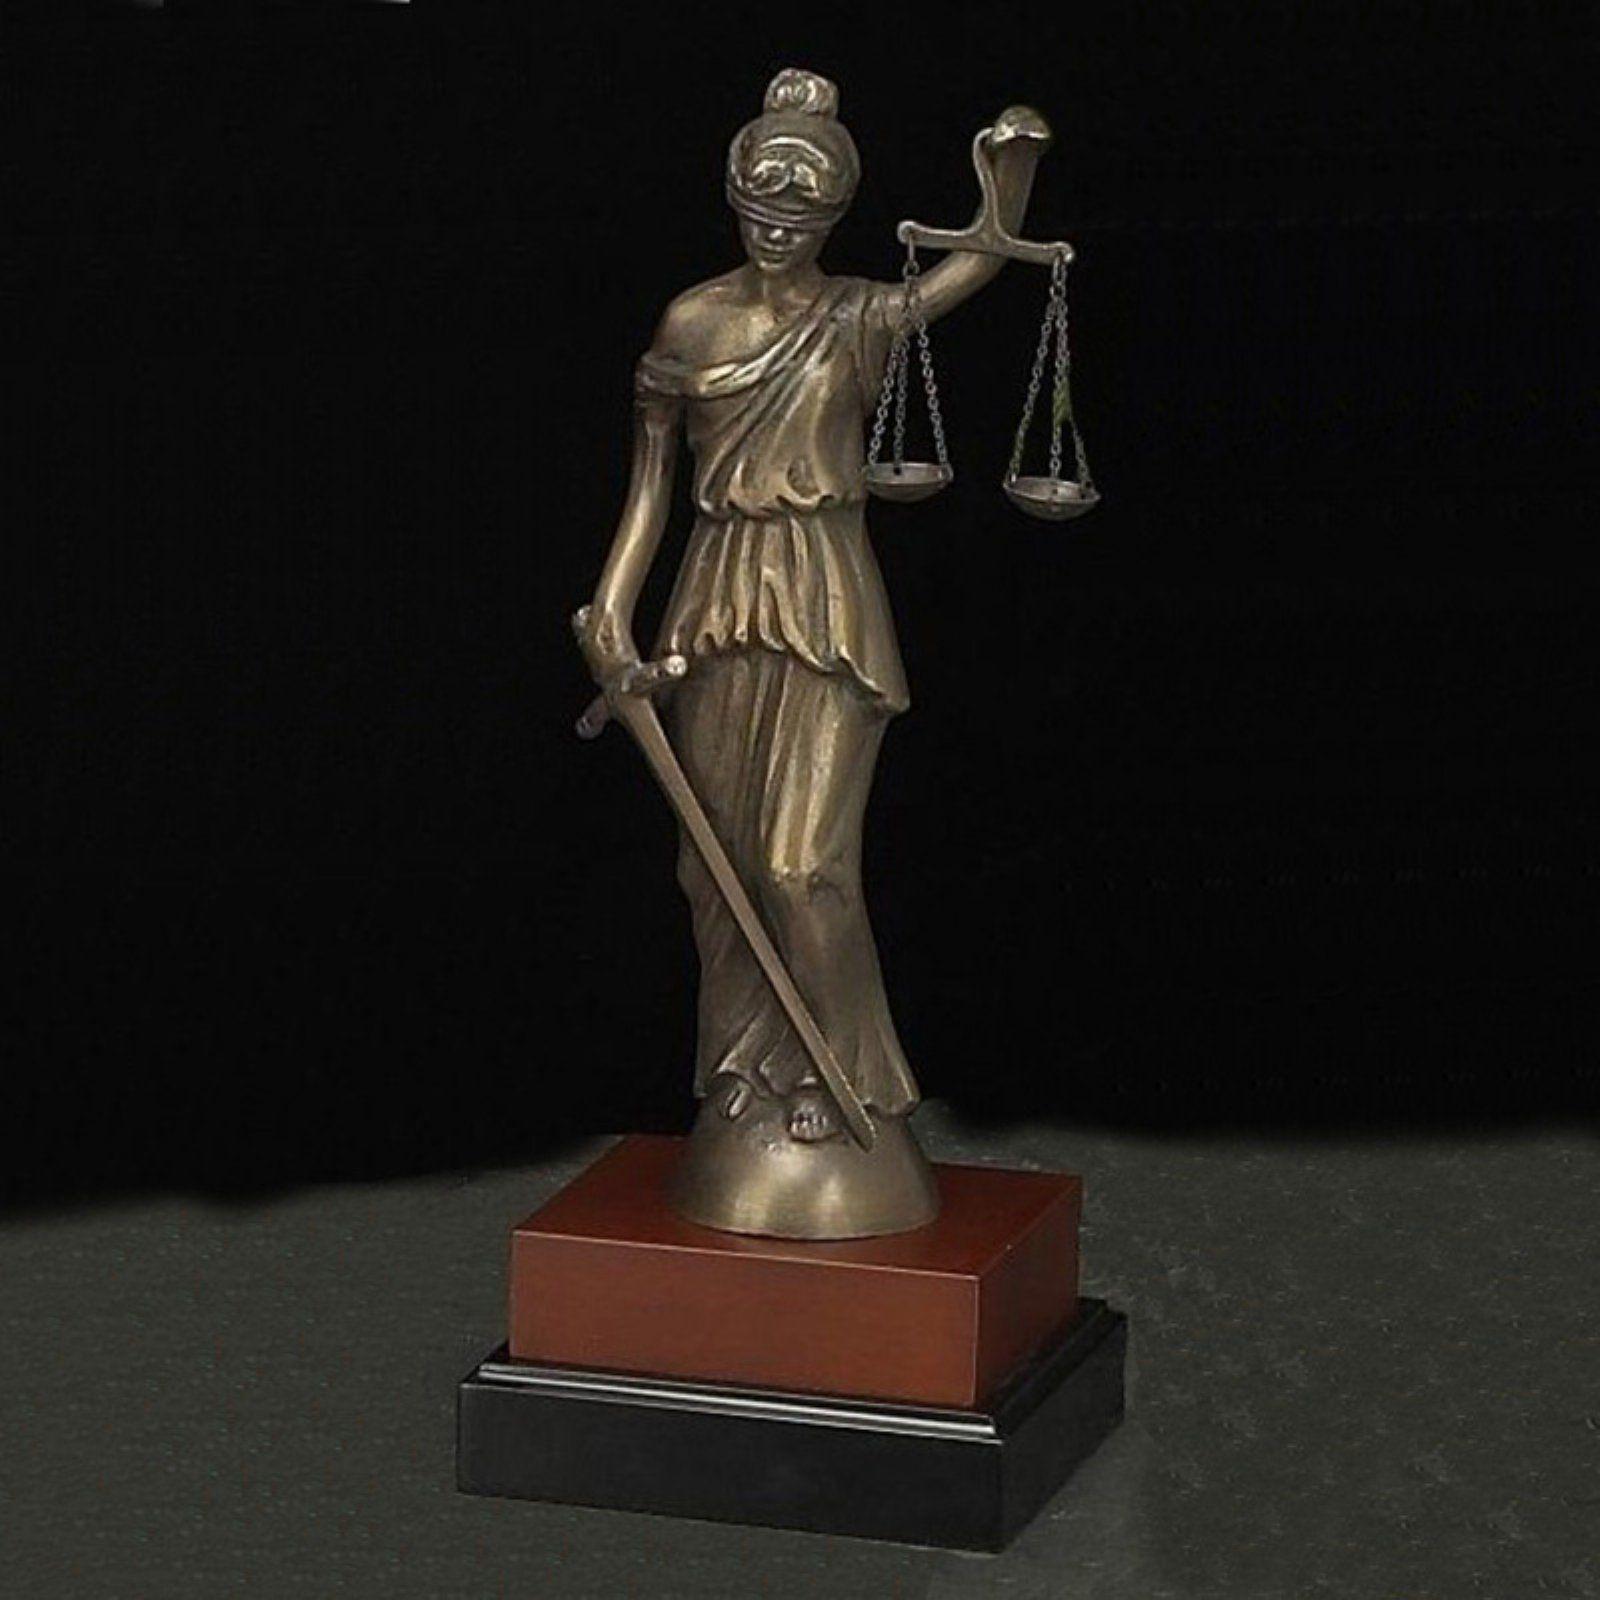 Bey Berk International 13h In Lady Justice Sculpture In 2021 Lady Justice Lady Justice Statue Sculpture